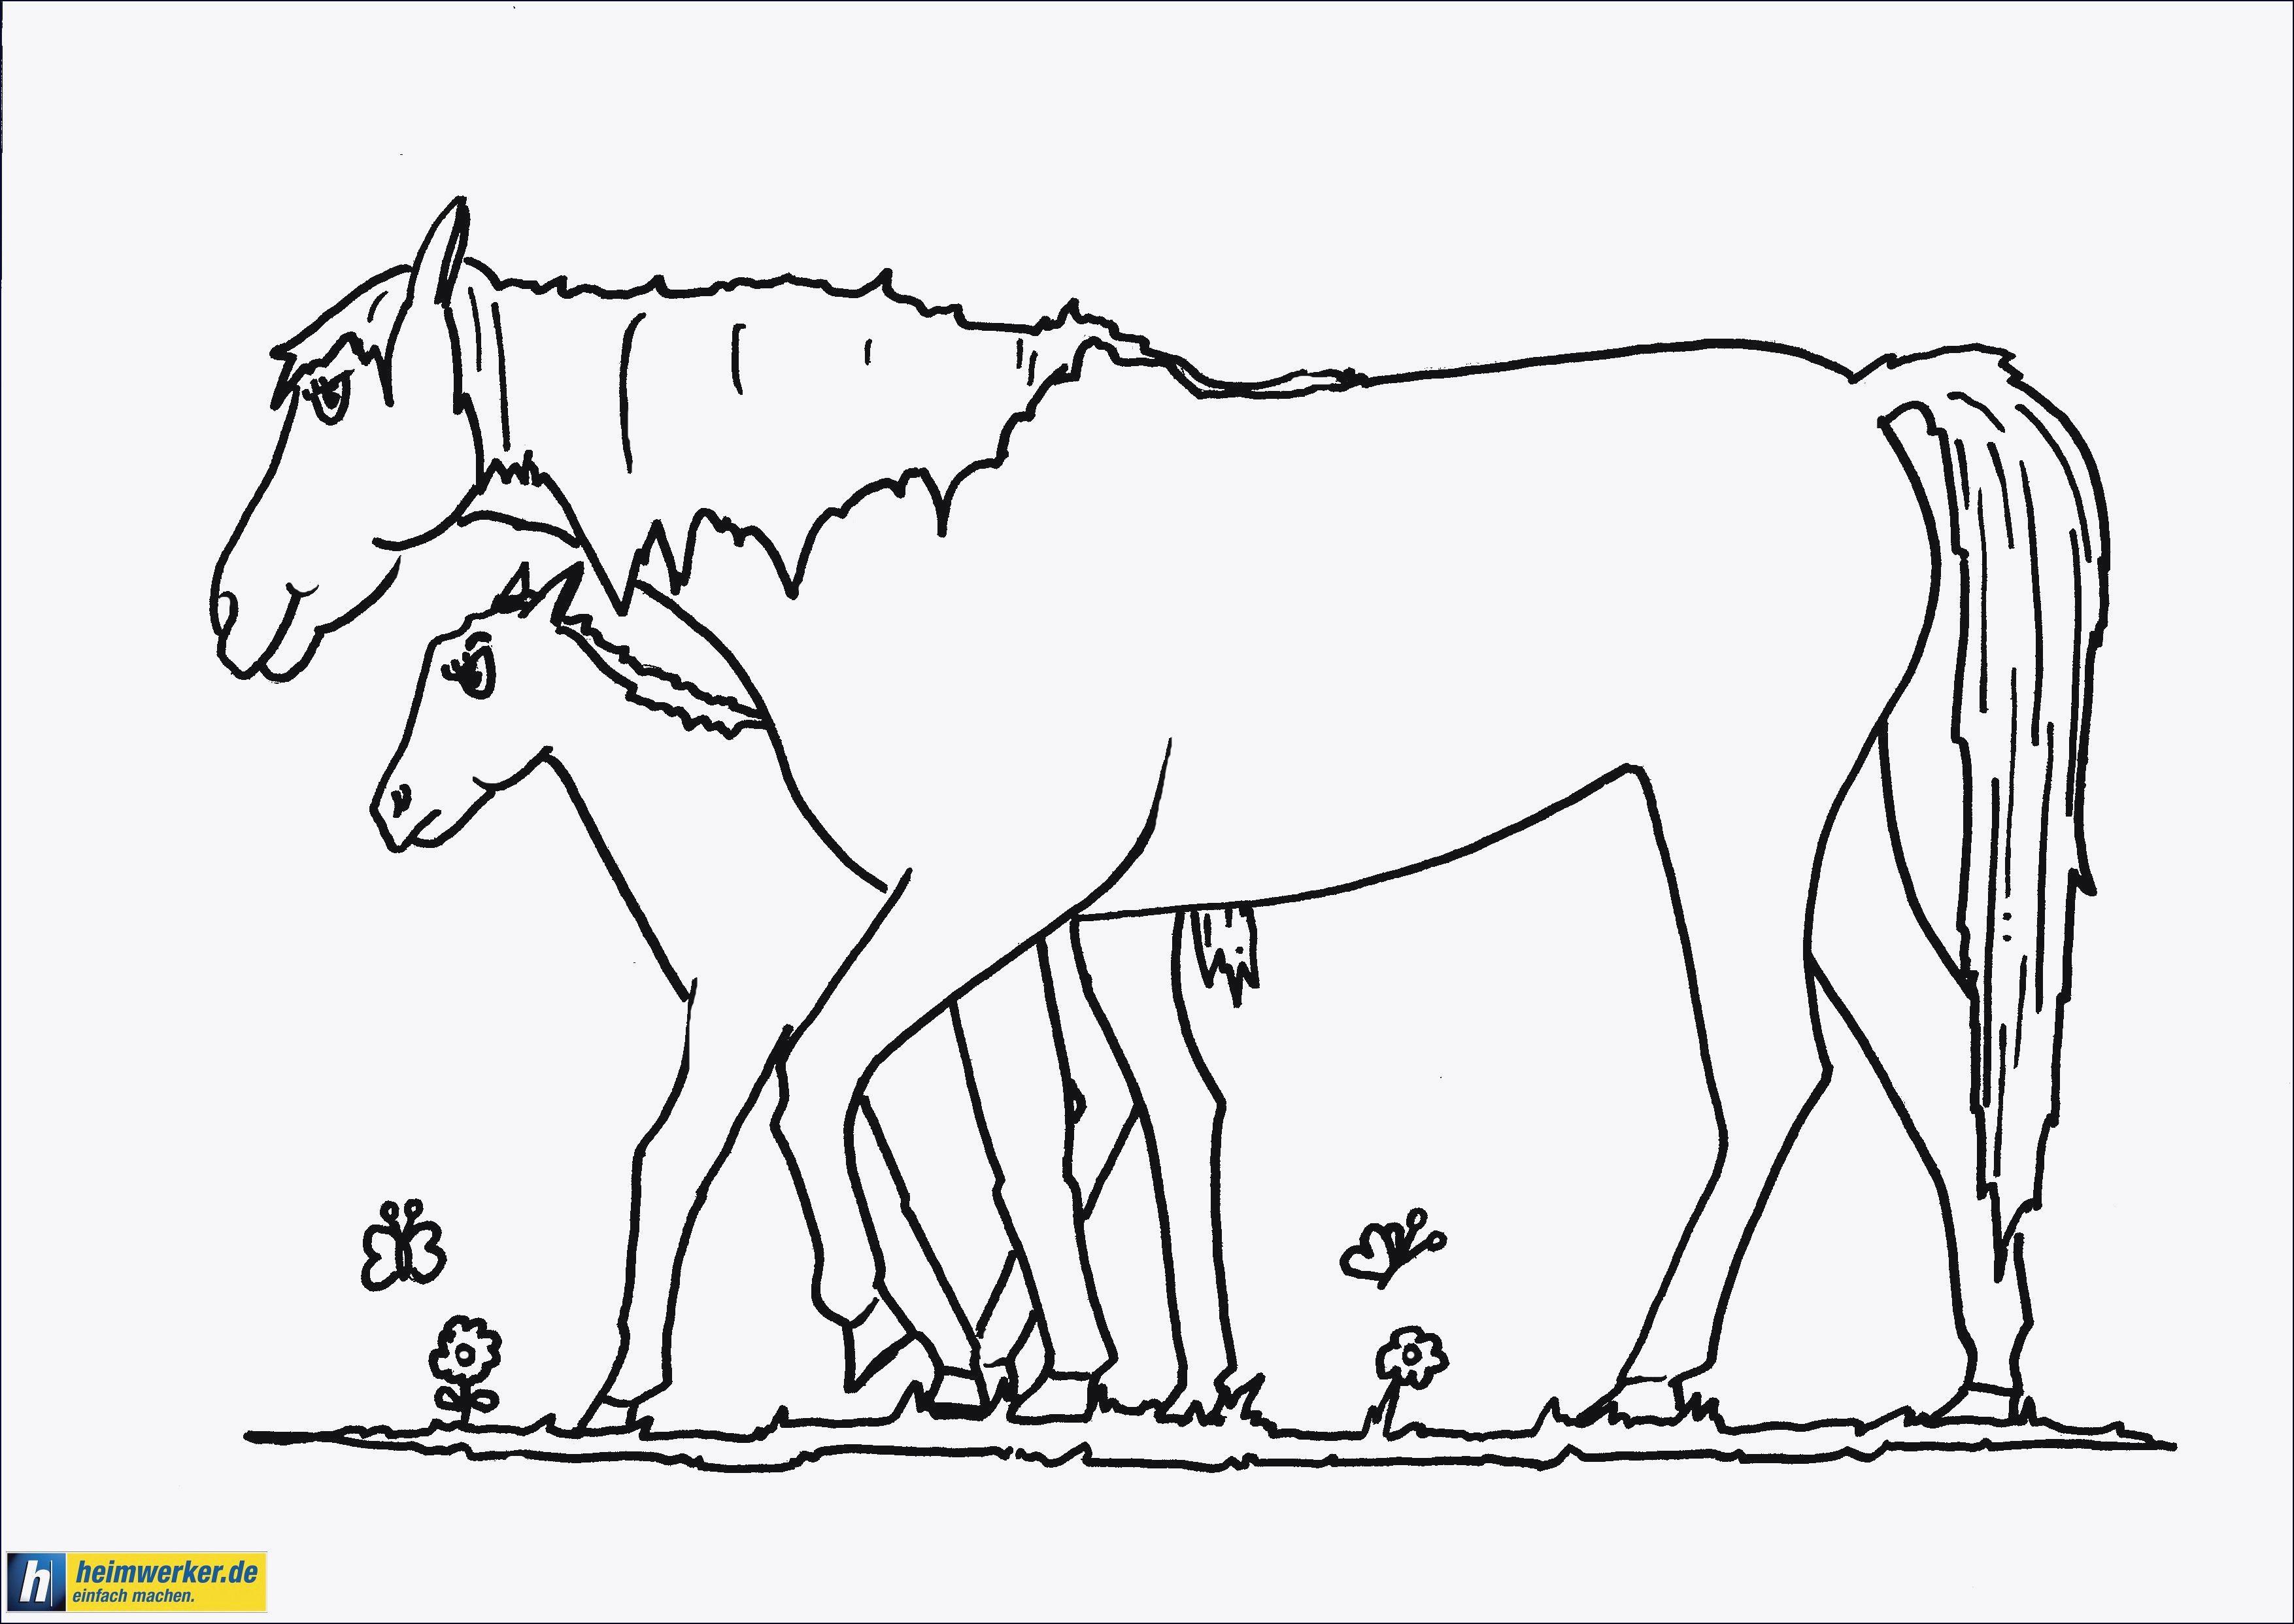 Ausmalbilder Pferde Turnier  Ausmalbilder Pferde Turnier